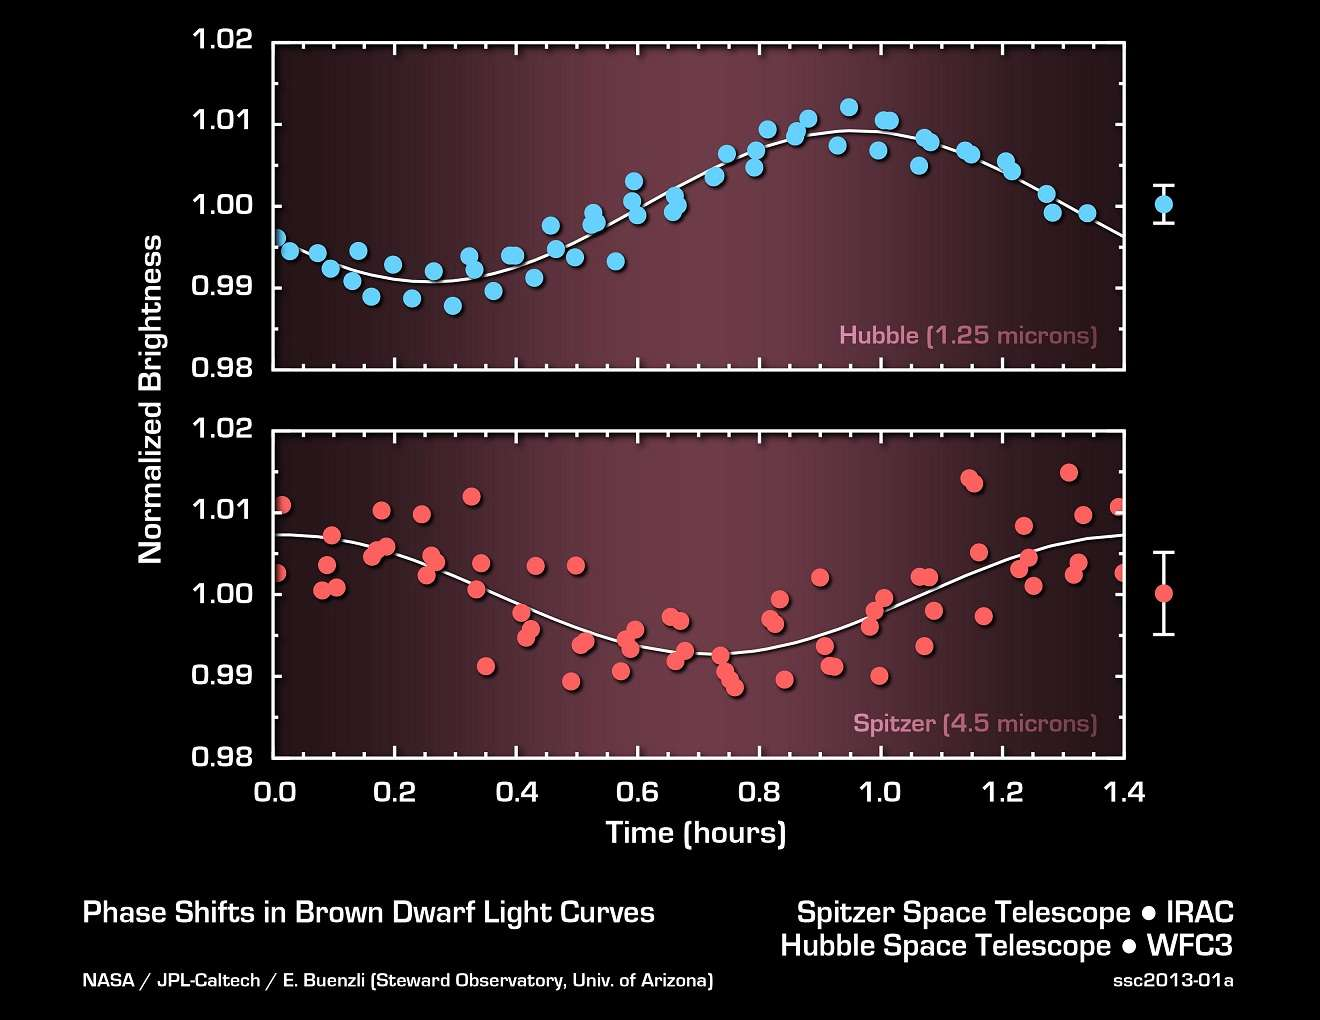 Ce graphique montre les variations de luminosité de la naine brune nommée 2MASSJ22282889-431026 mesurées simultanément par Hubble et Spitzer. Comme l'astre tourne sur lui-même en 1,4 heure, sa luminosité varie périodiquement. De façon surprenante, cette variation de luminosité diffère selon la longueur d'onde observée (toujours dans l'infrarouge). Comme Spitzer et Hubble sondent ainsi différentes couches de l'atmosphère de la naine brune, ces déphasages indiquent des formations nuageuses complexes ou des conditions météorologiques qui changent avec l'altitude. © Nasa, JPL-Caltech, University of Arizona